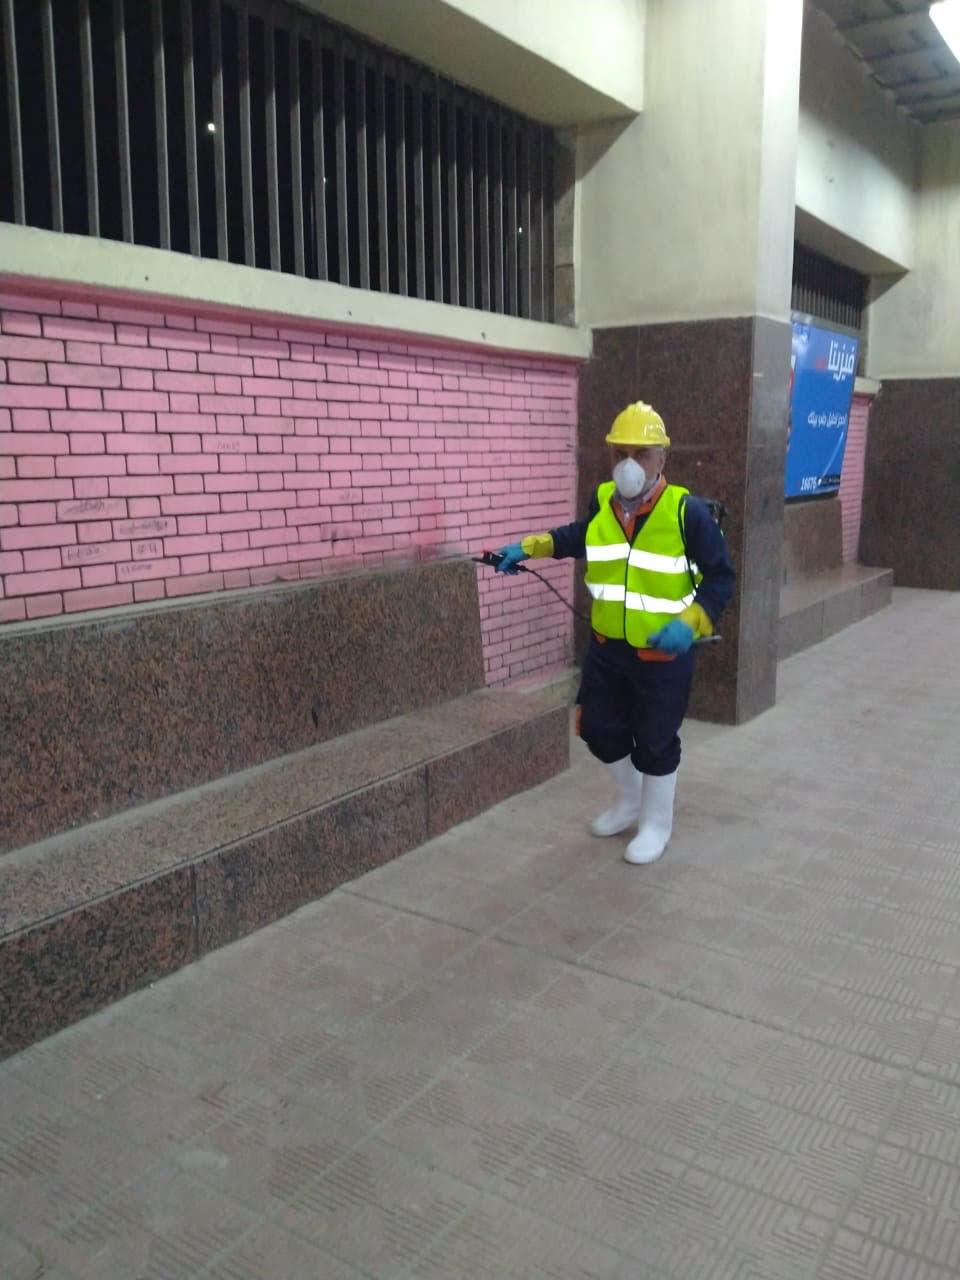 المترو يواصل أعمال تعقيم وتطهير القطارات والمحطات ضد كورونا (29)